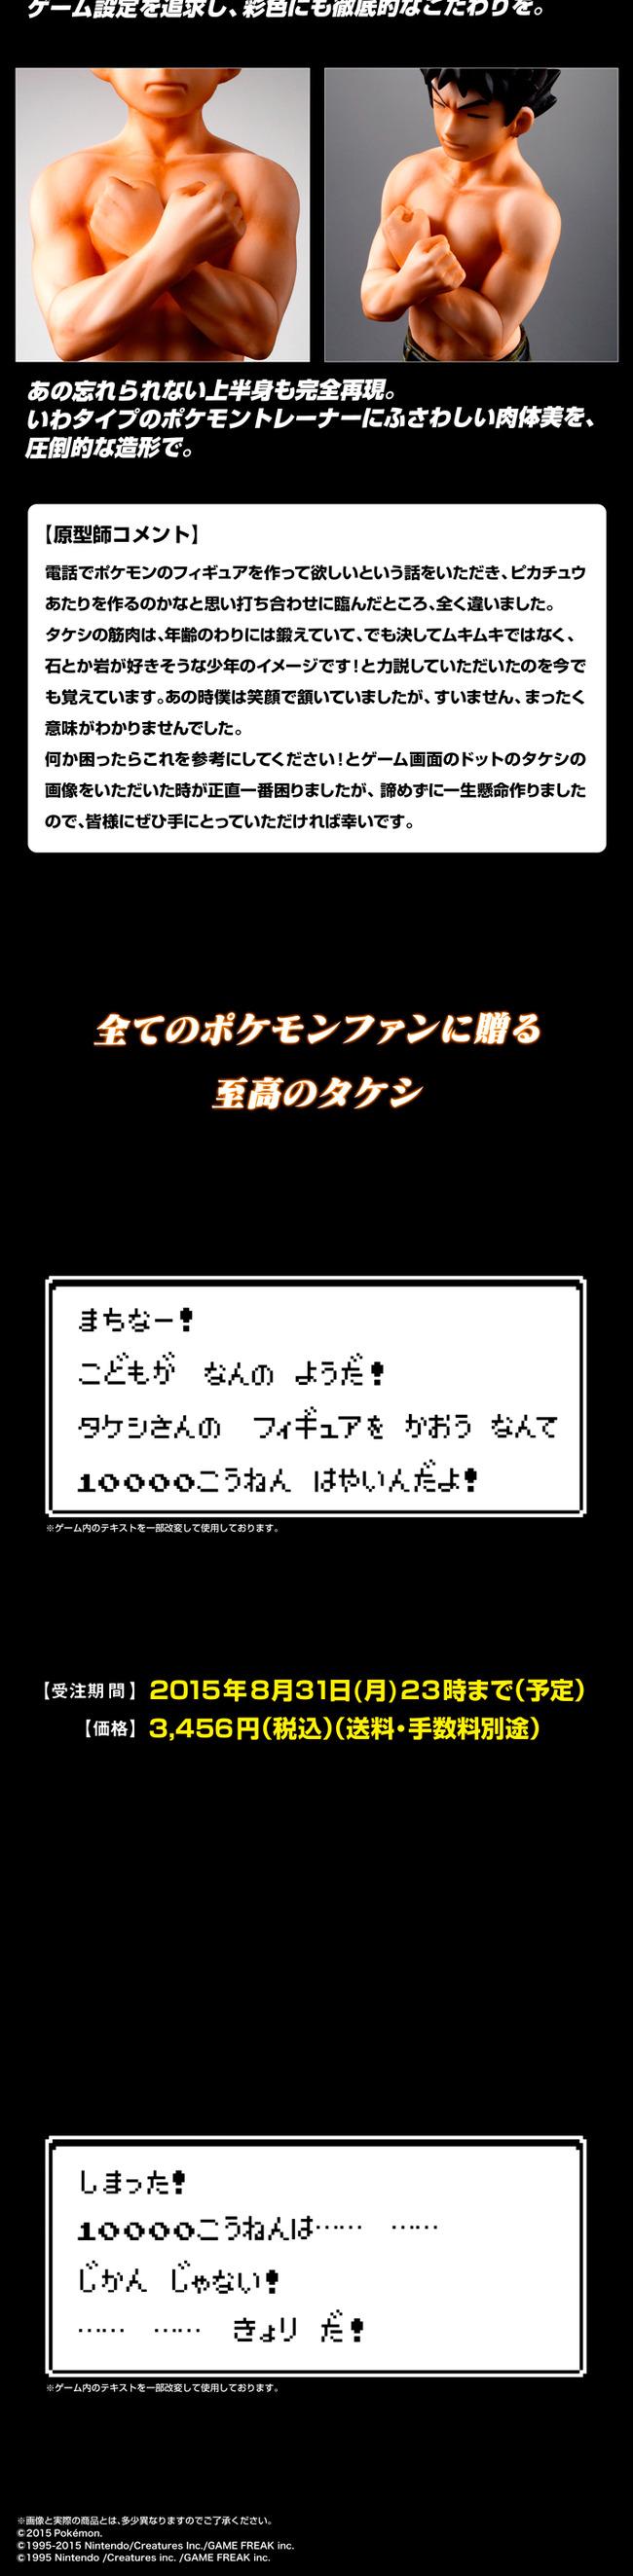 ポケモン タケシに関連した画像-05